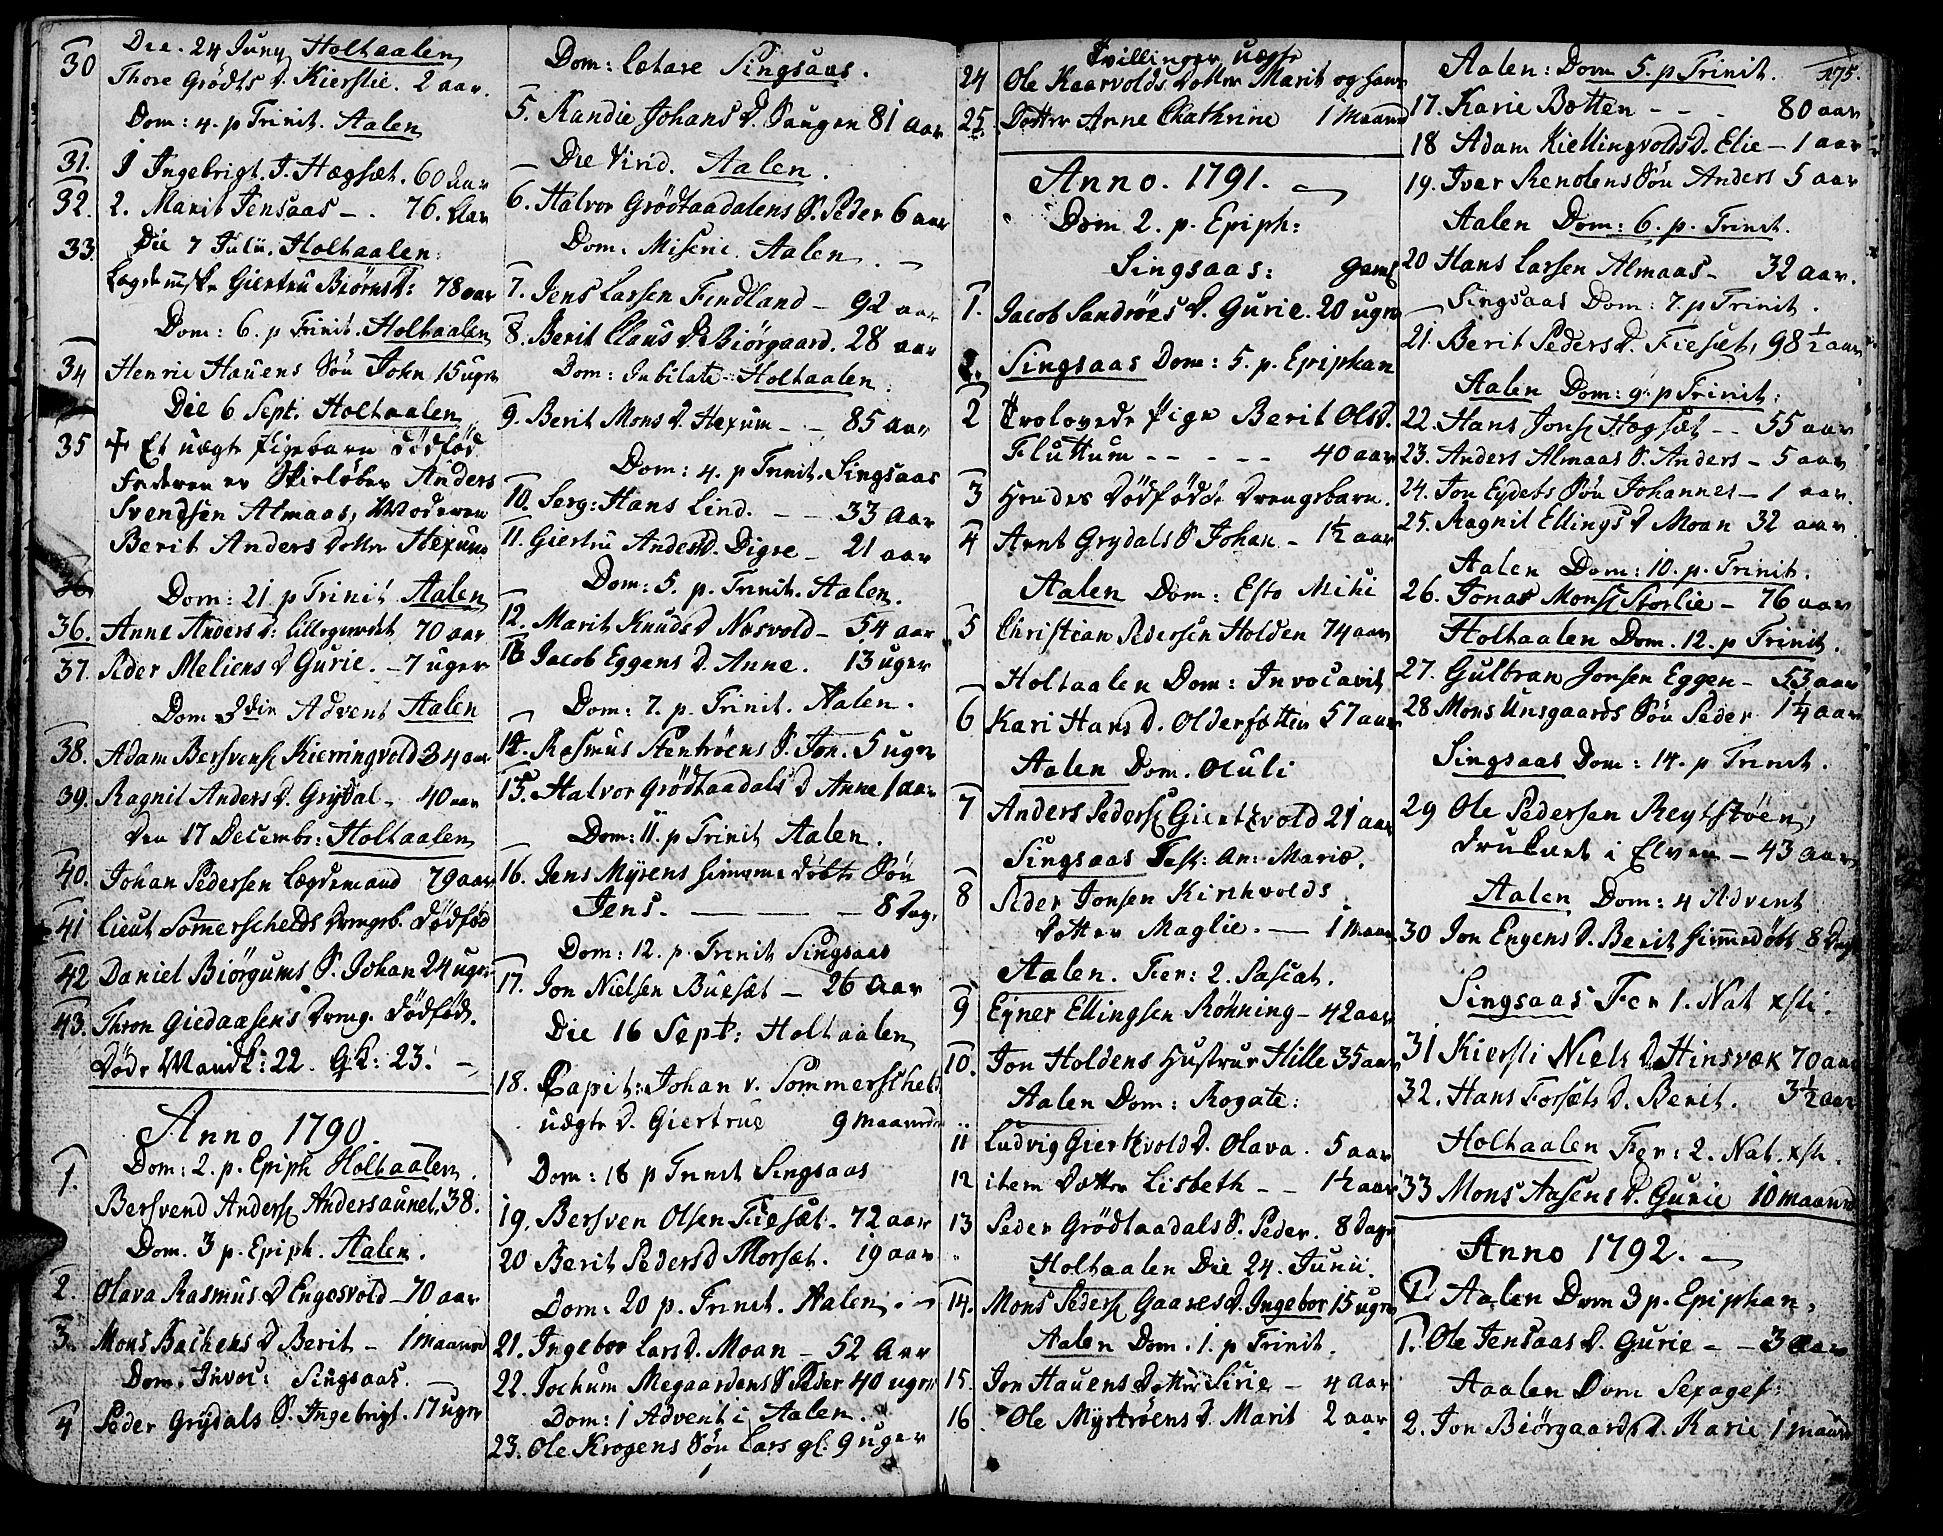 SAT, Ministerialprotokoller, klokkerbøker og fødselsregistre - Sør-Trøndelag, 685/L0952: Ministerialbok nr. 685A01, 1745-1804, s. 175